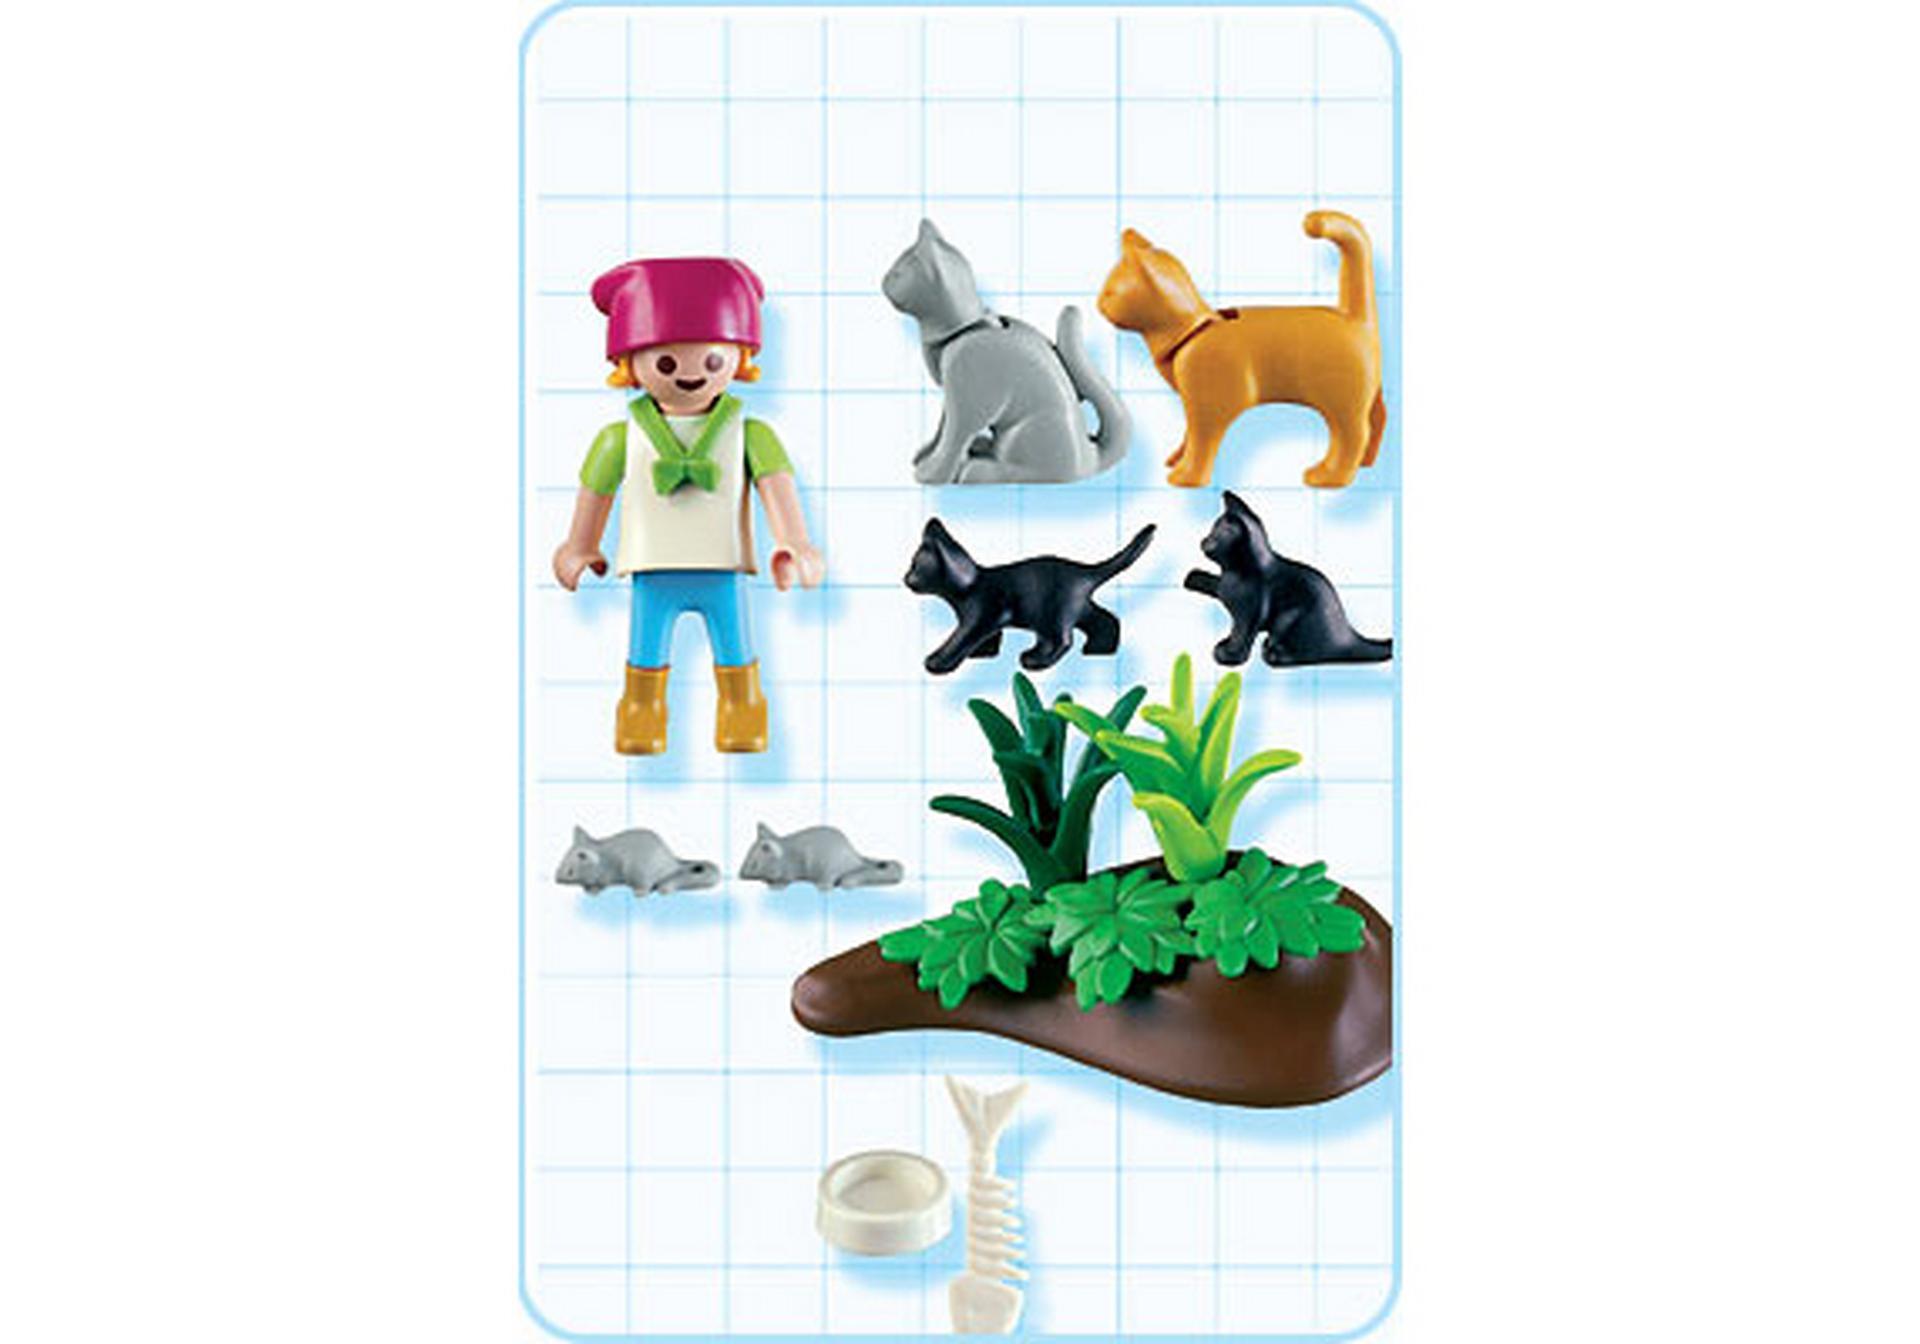 Katzenfamilie 4493 a playmobil deutschland for Jugendzimmer playmobil